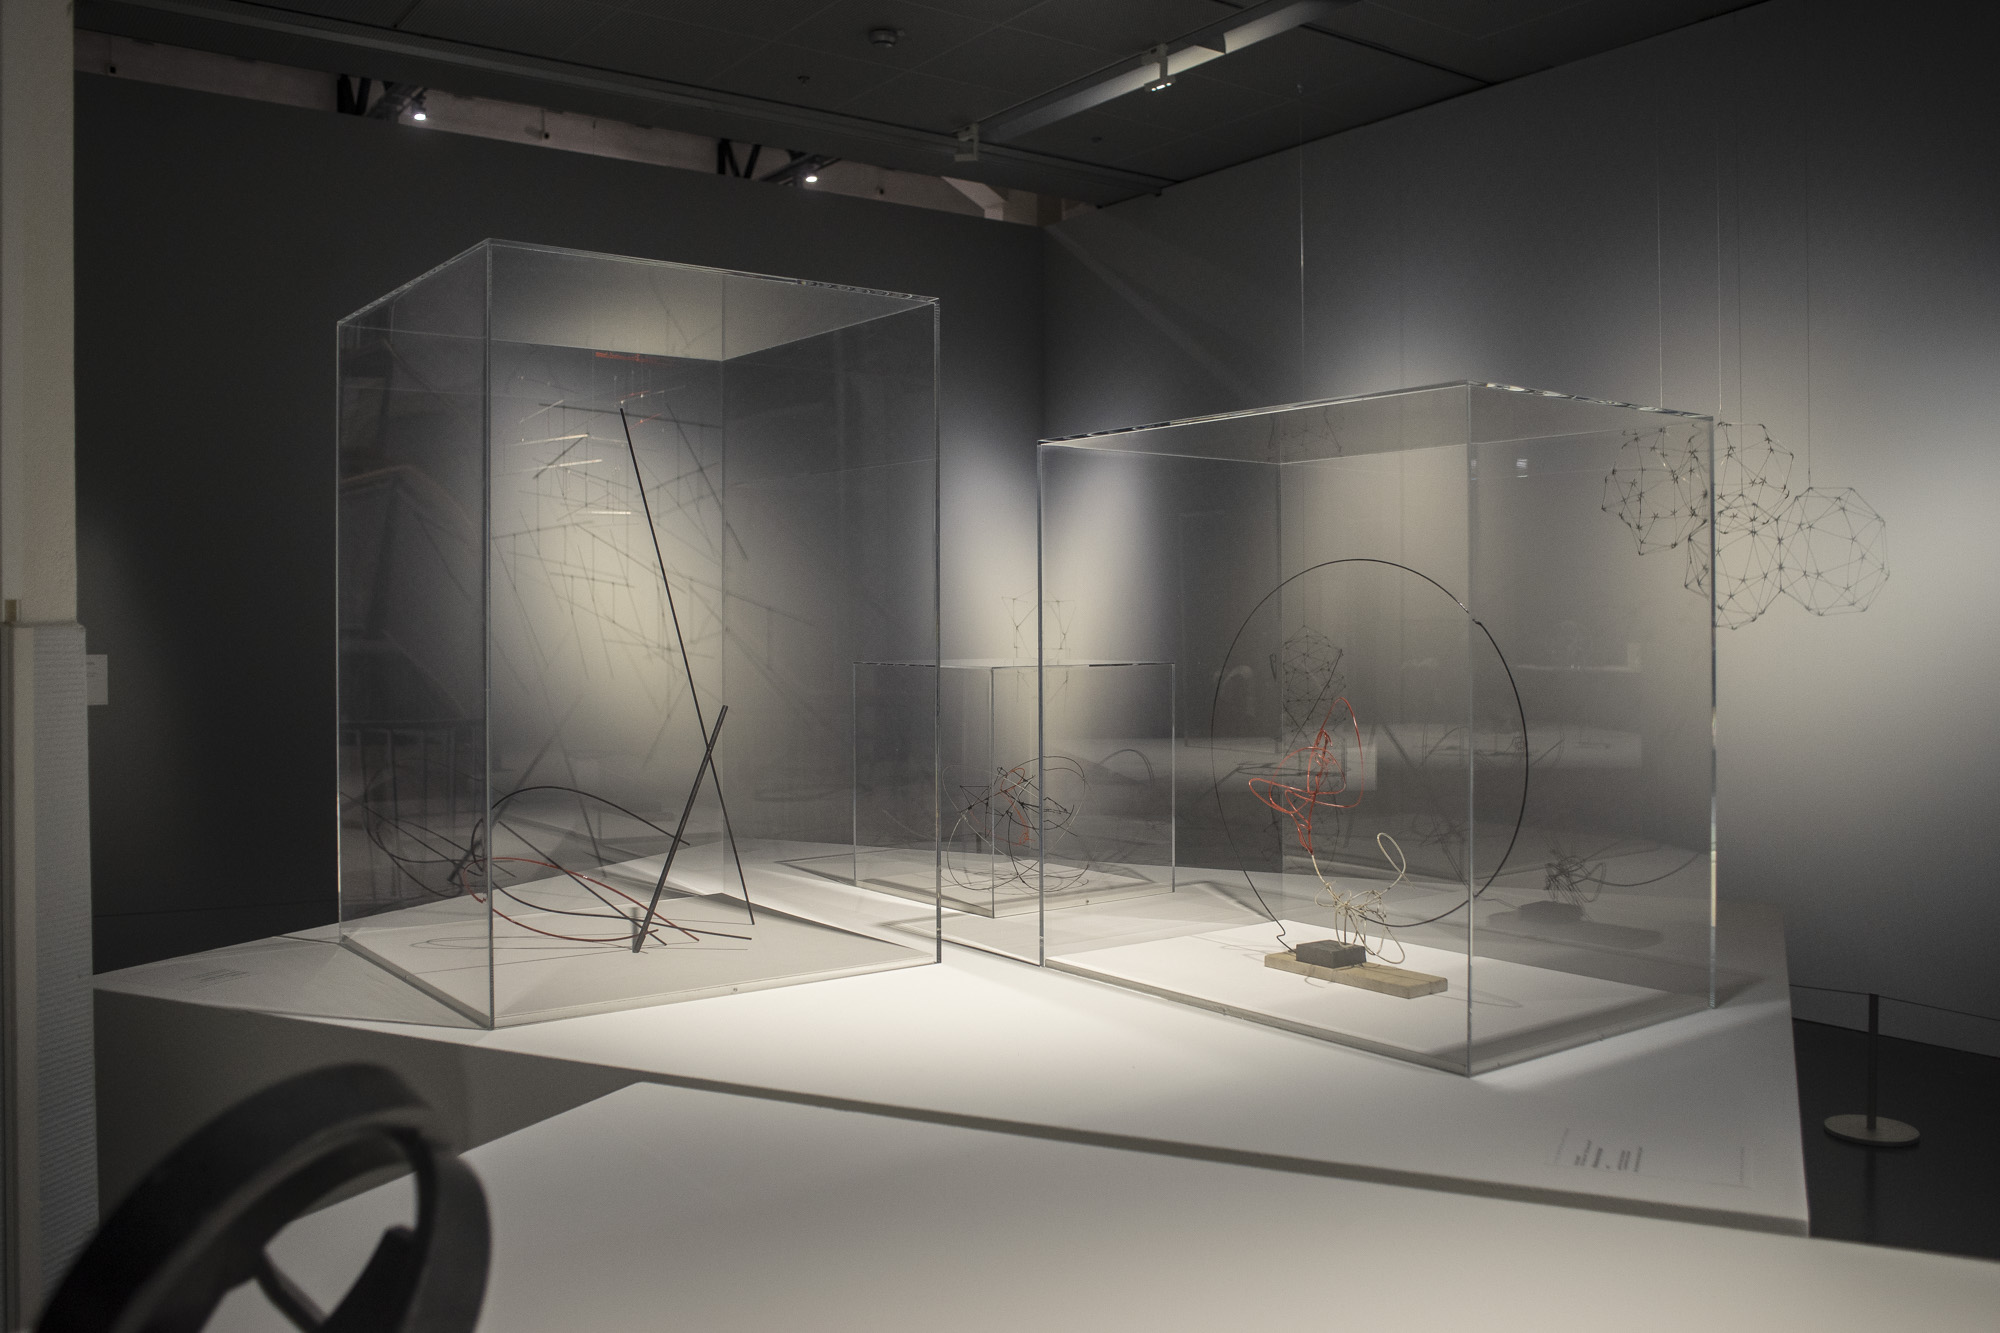 Construcción espacial y Ritmos en el círculo, de Enio Iommi. Foto: Leonardo Antoniadis.